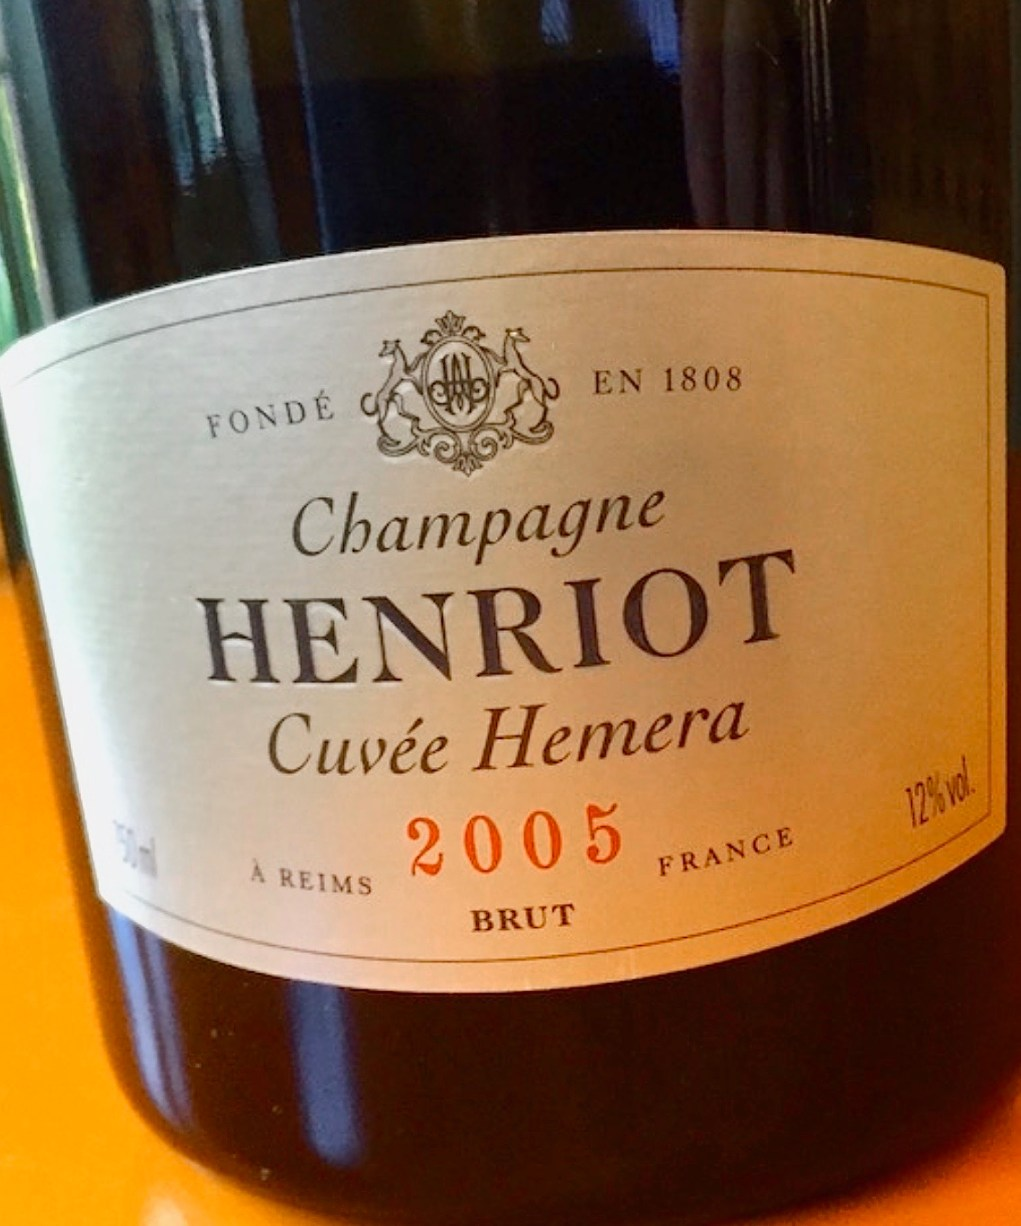 La nouvelle cuvée de la maison Henriot baptisée Hemera.